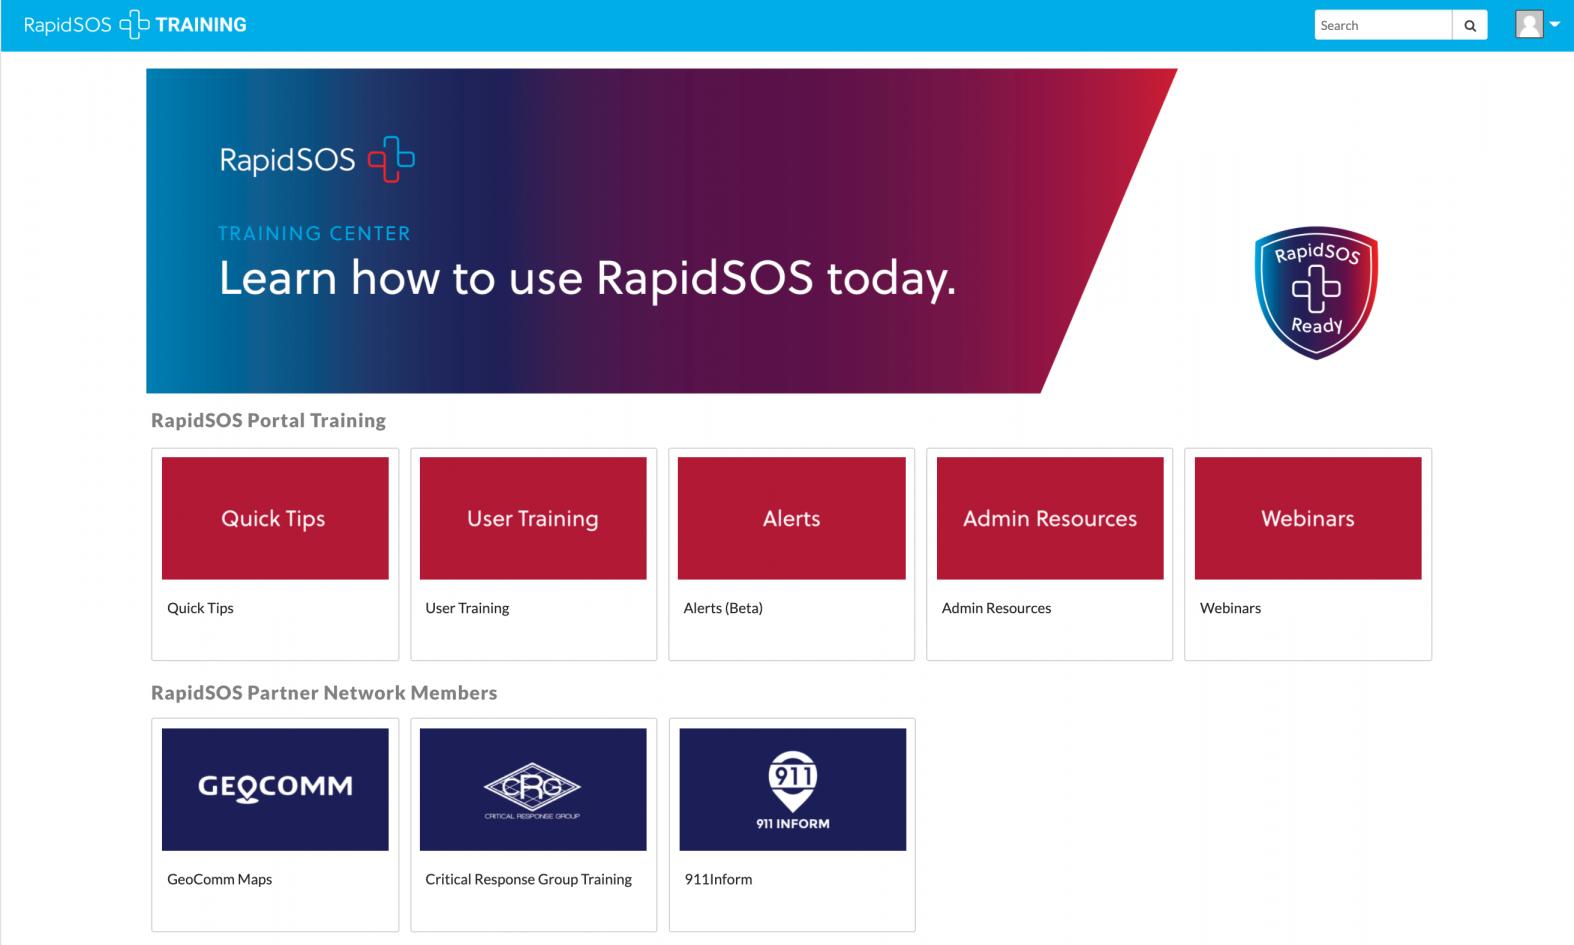 RapidSOS Training Center